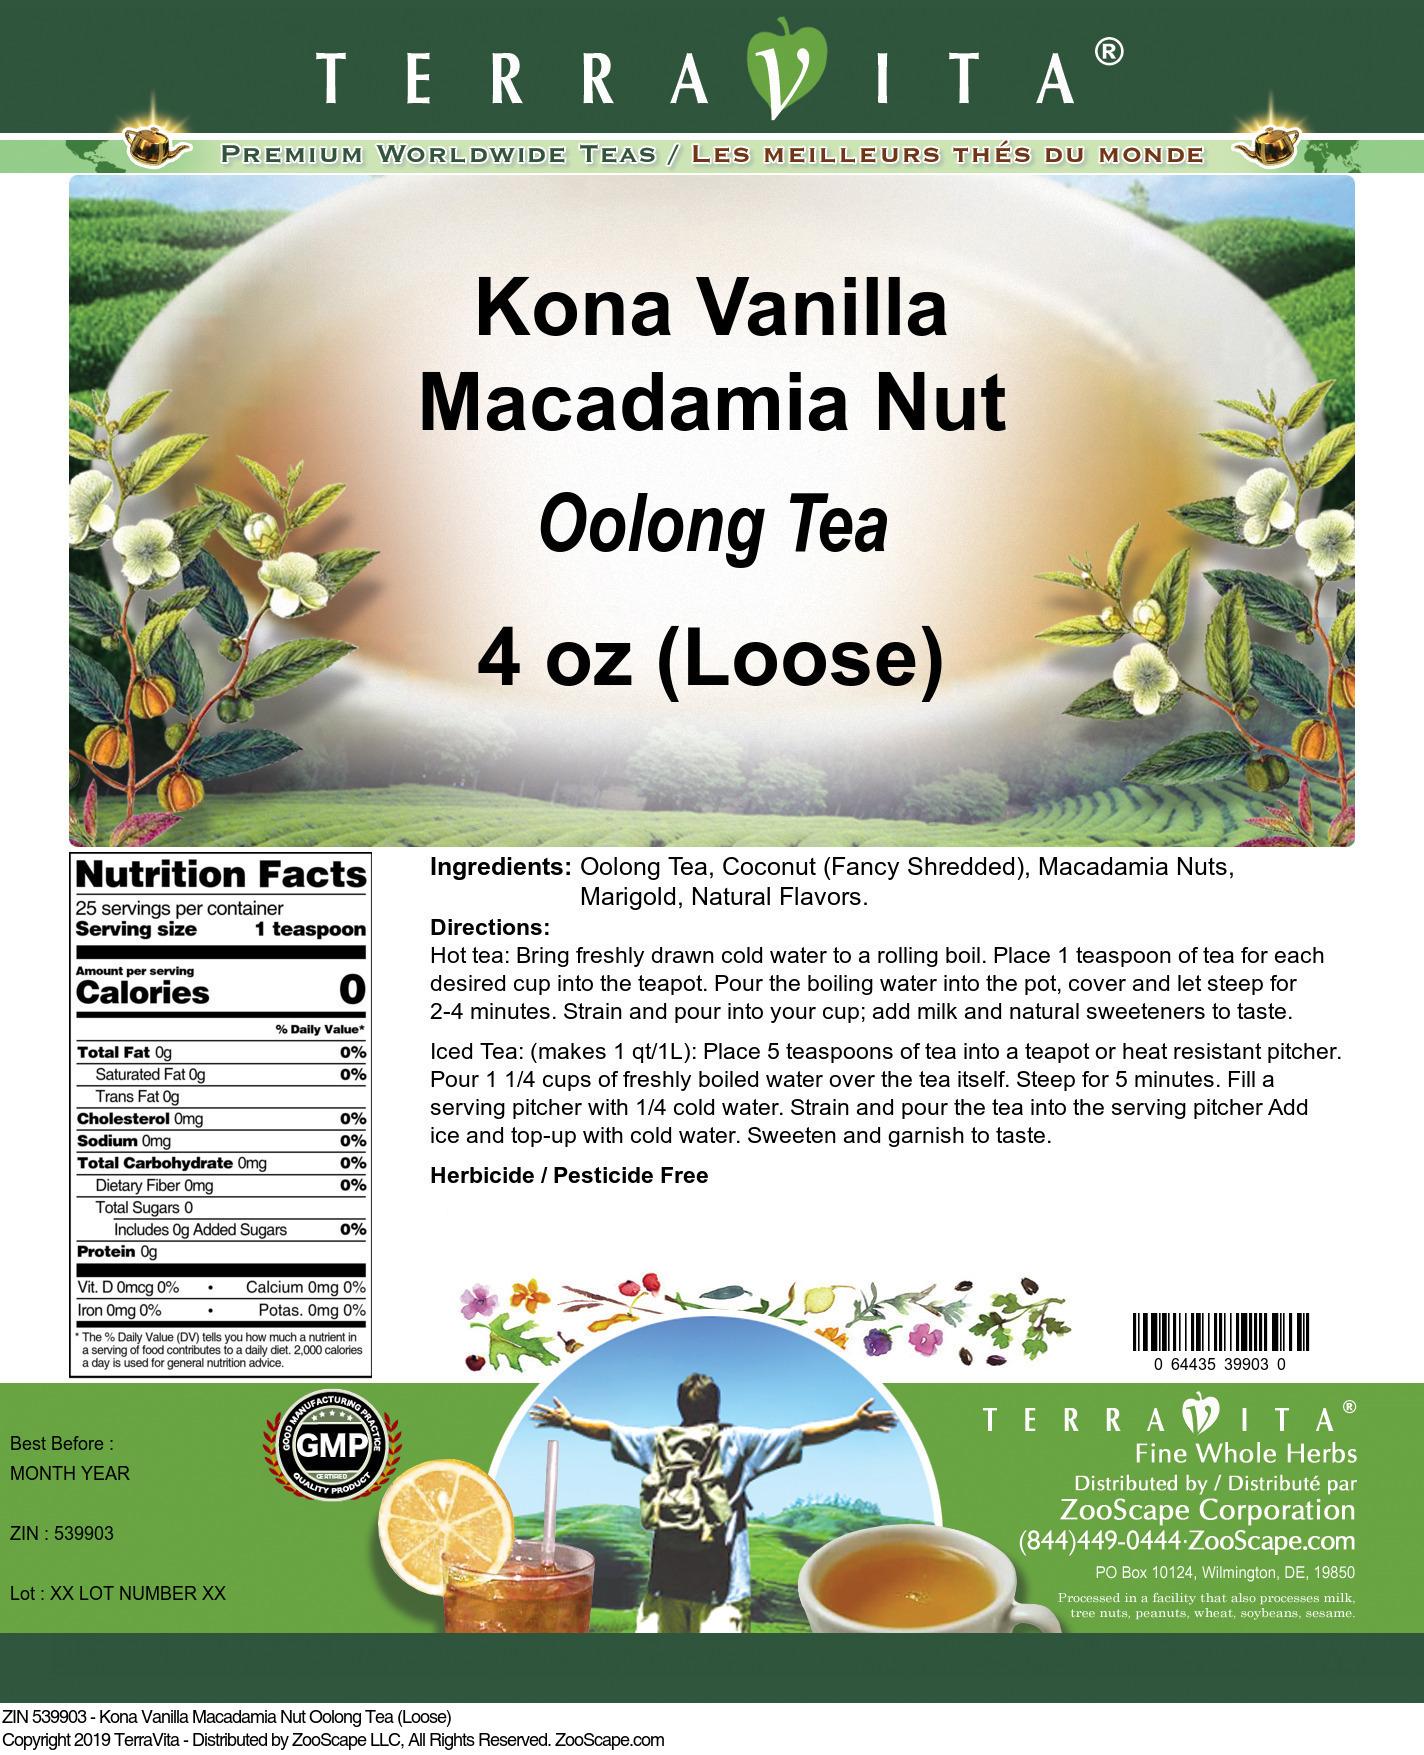 Kona Vanilla Macadamia Nut Oolong Tea (Loose)